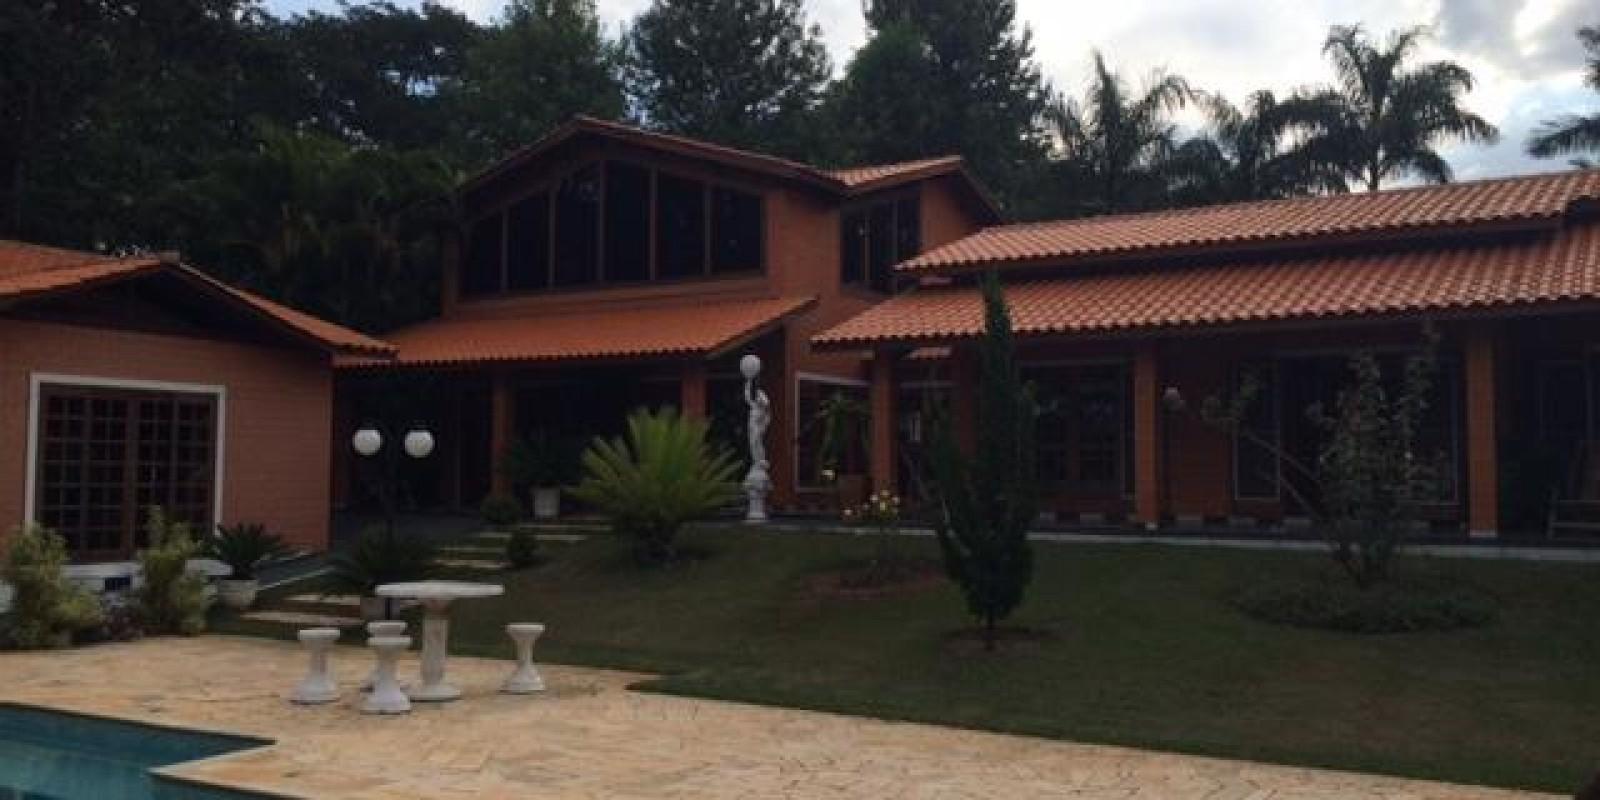 Casa na Represa em Avaré SP - Foto 2 de 20